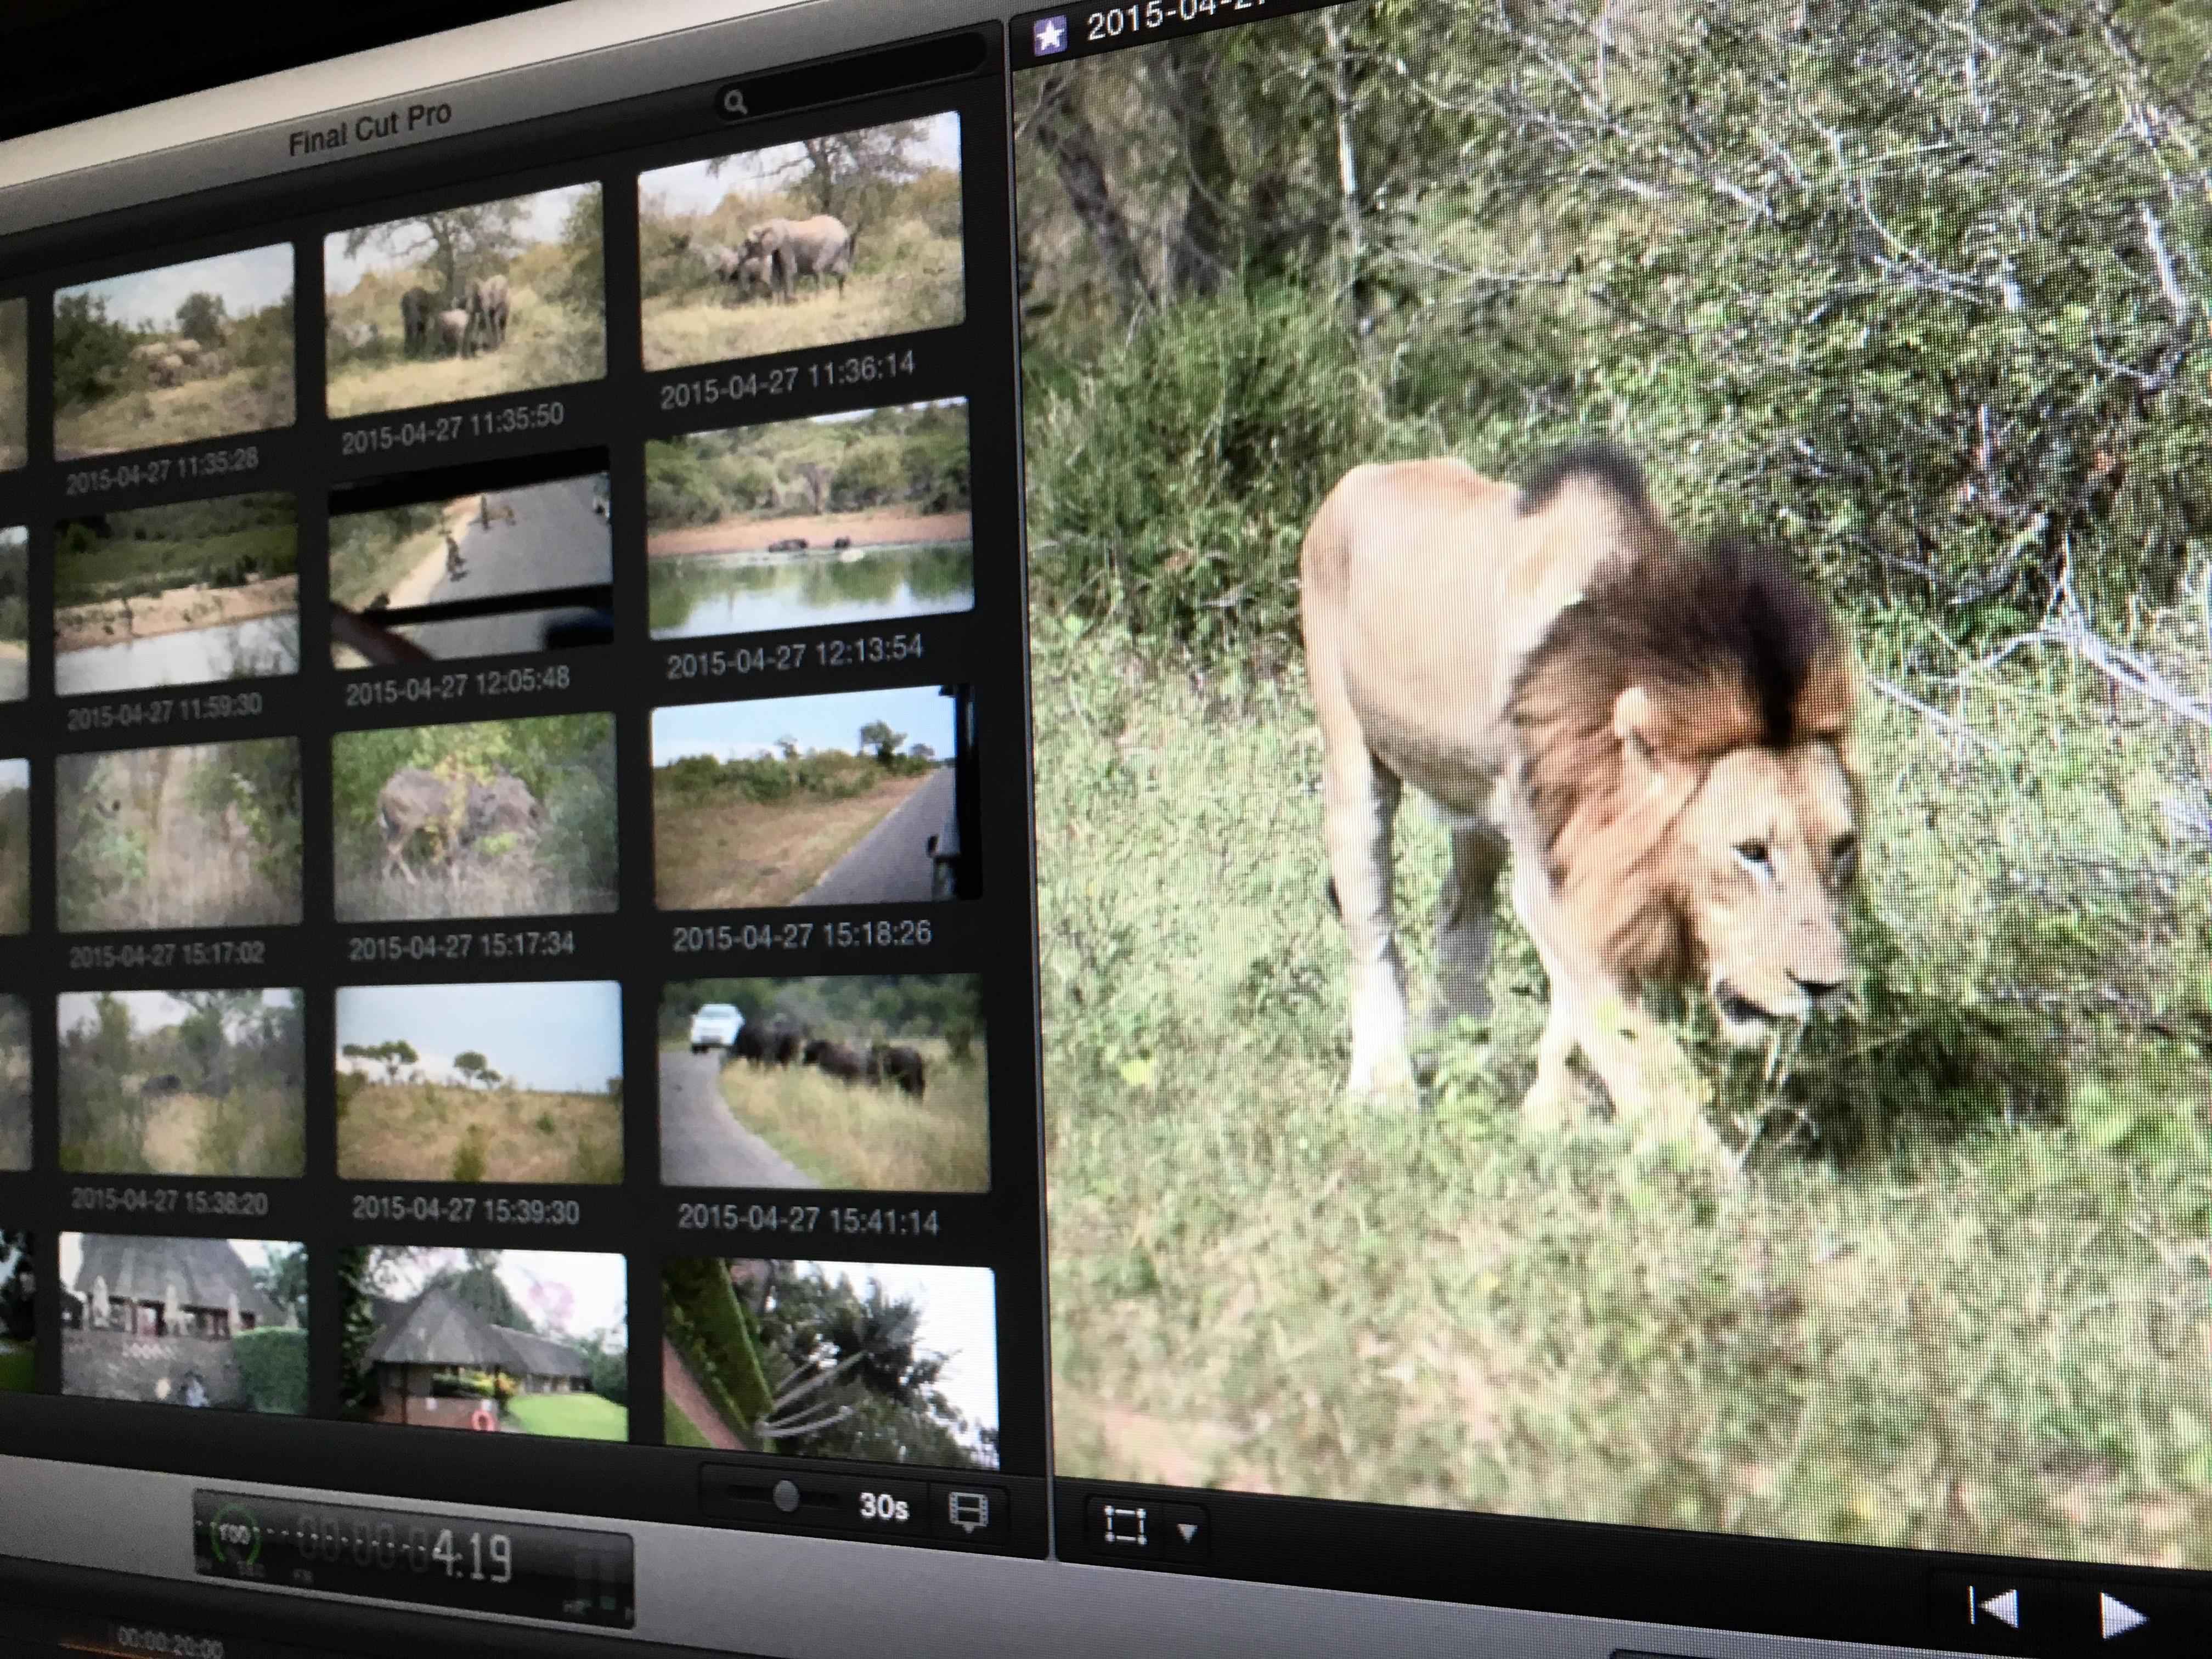 Kruger Park Media in Final Cut Pro X